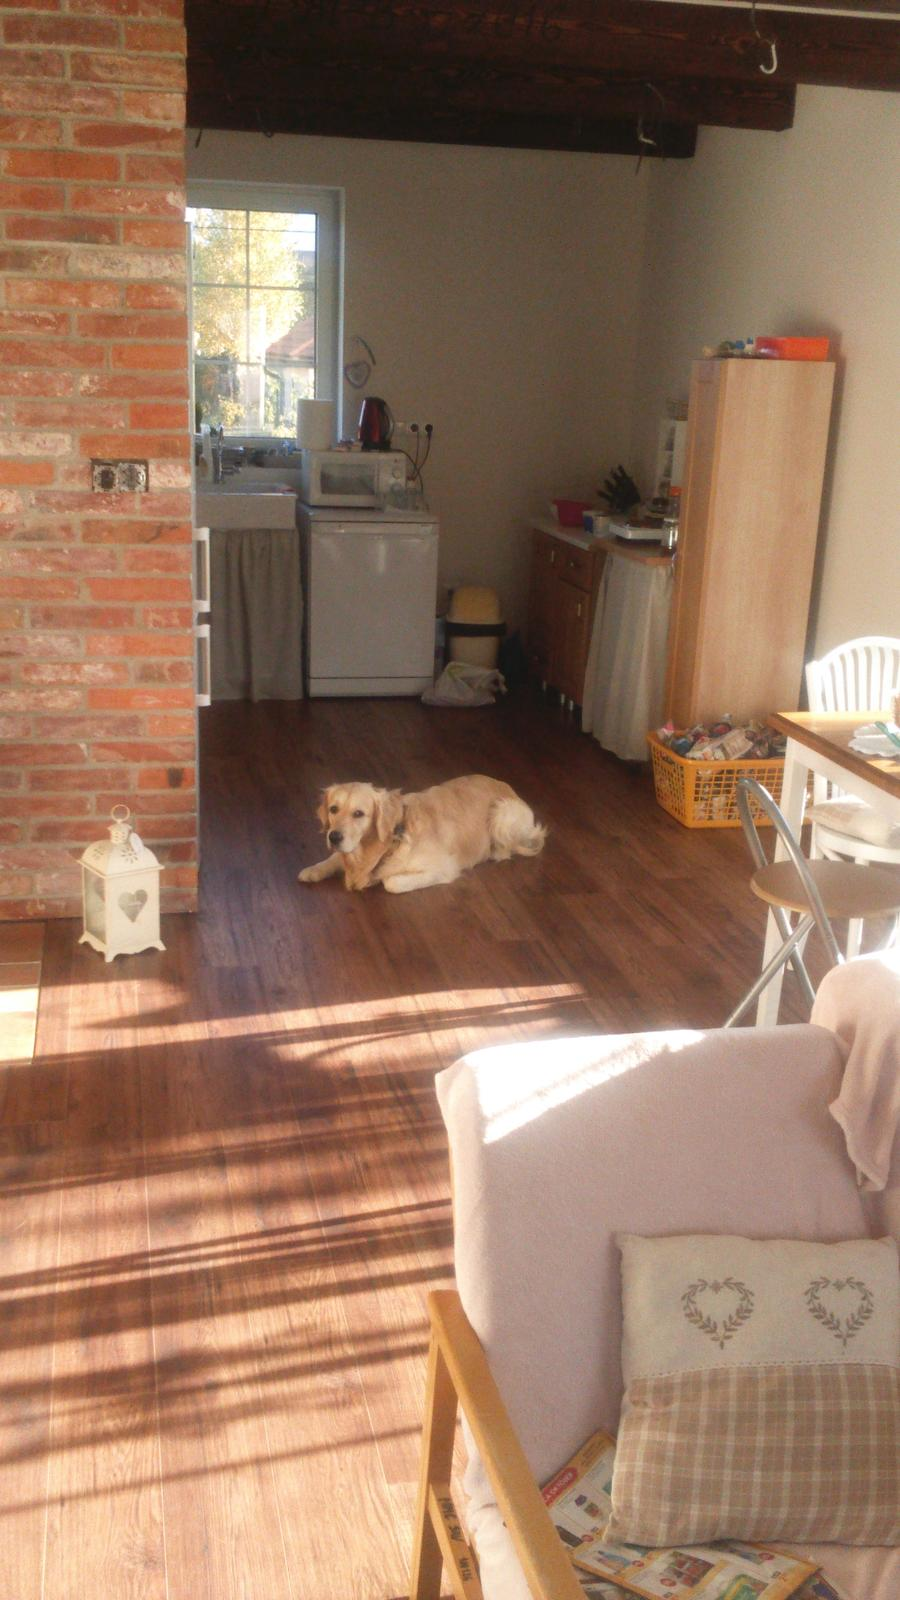 Náš nový domov-už bývame :-) - dnes nám ráno krásne svietilo slniečko